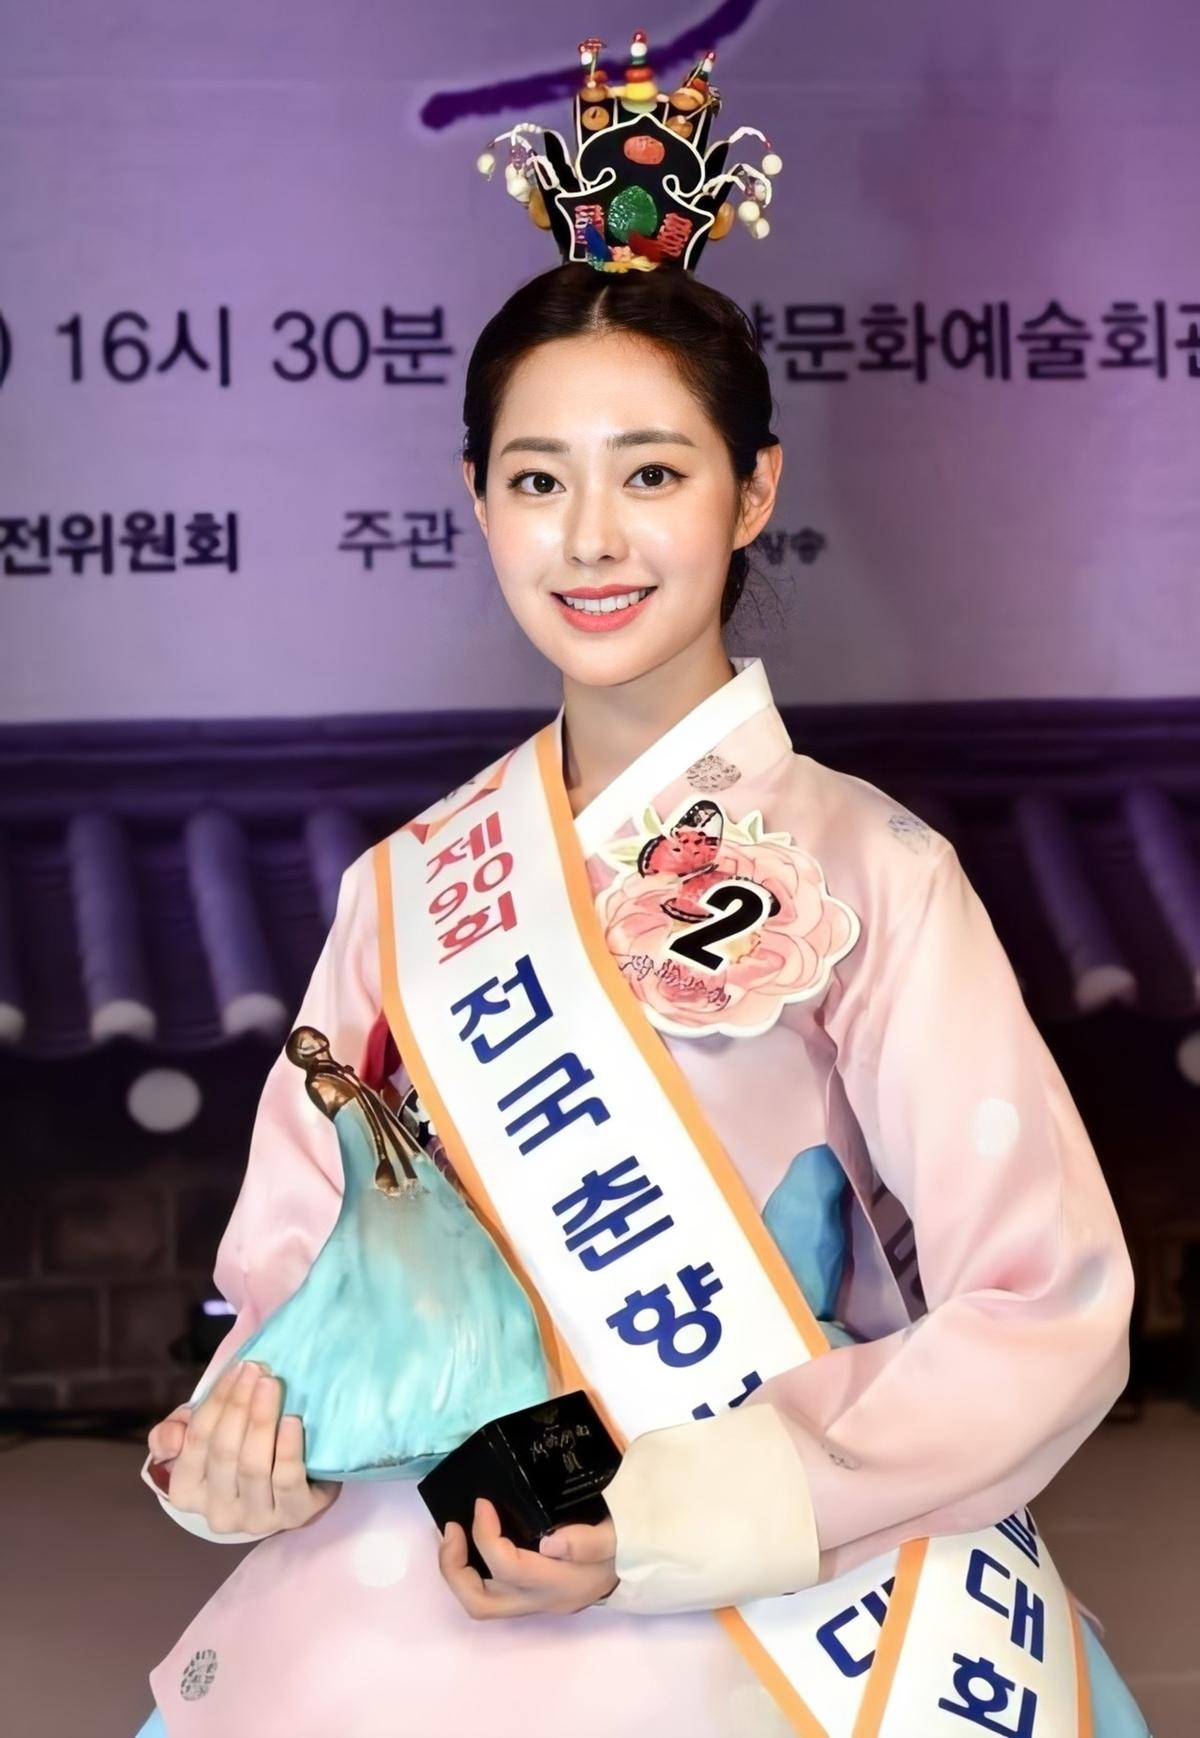 Mới đây, Shin Seulgi sinh năm 1998 đã vượt qua 32 gương mặt nổi bật để đăng quangHoa hậu Truyền thống Hàn Quốc 2020 (Miss Chunhyang 2020).